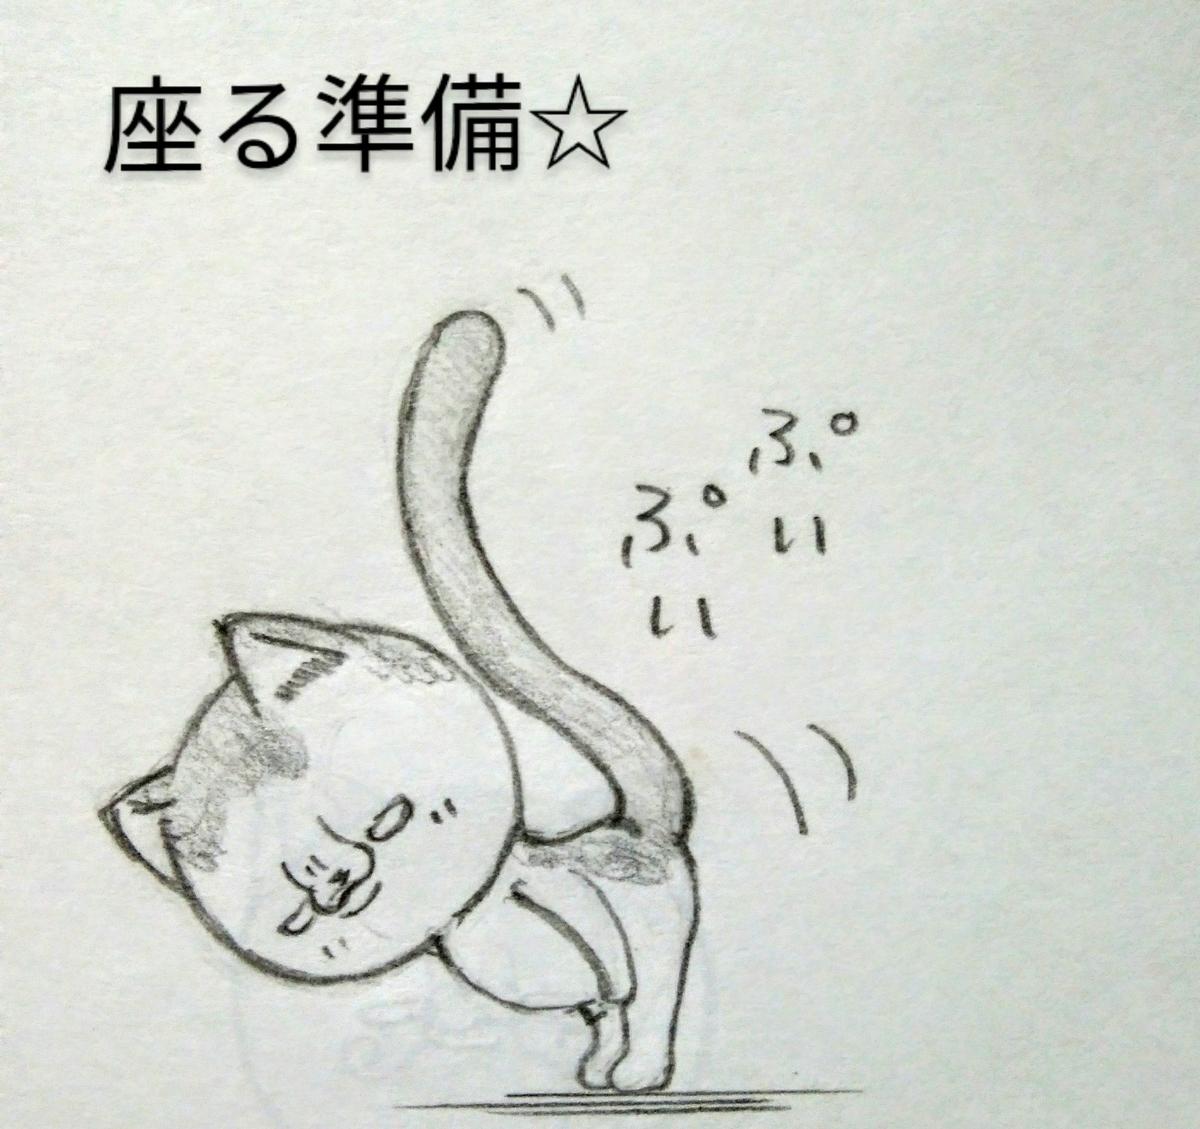 f:id:maricats:20200814215634j:plain